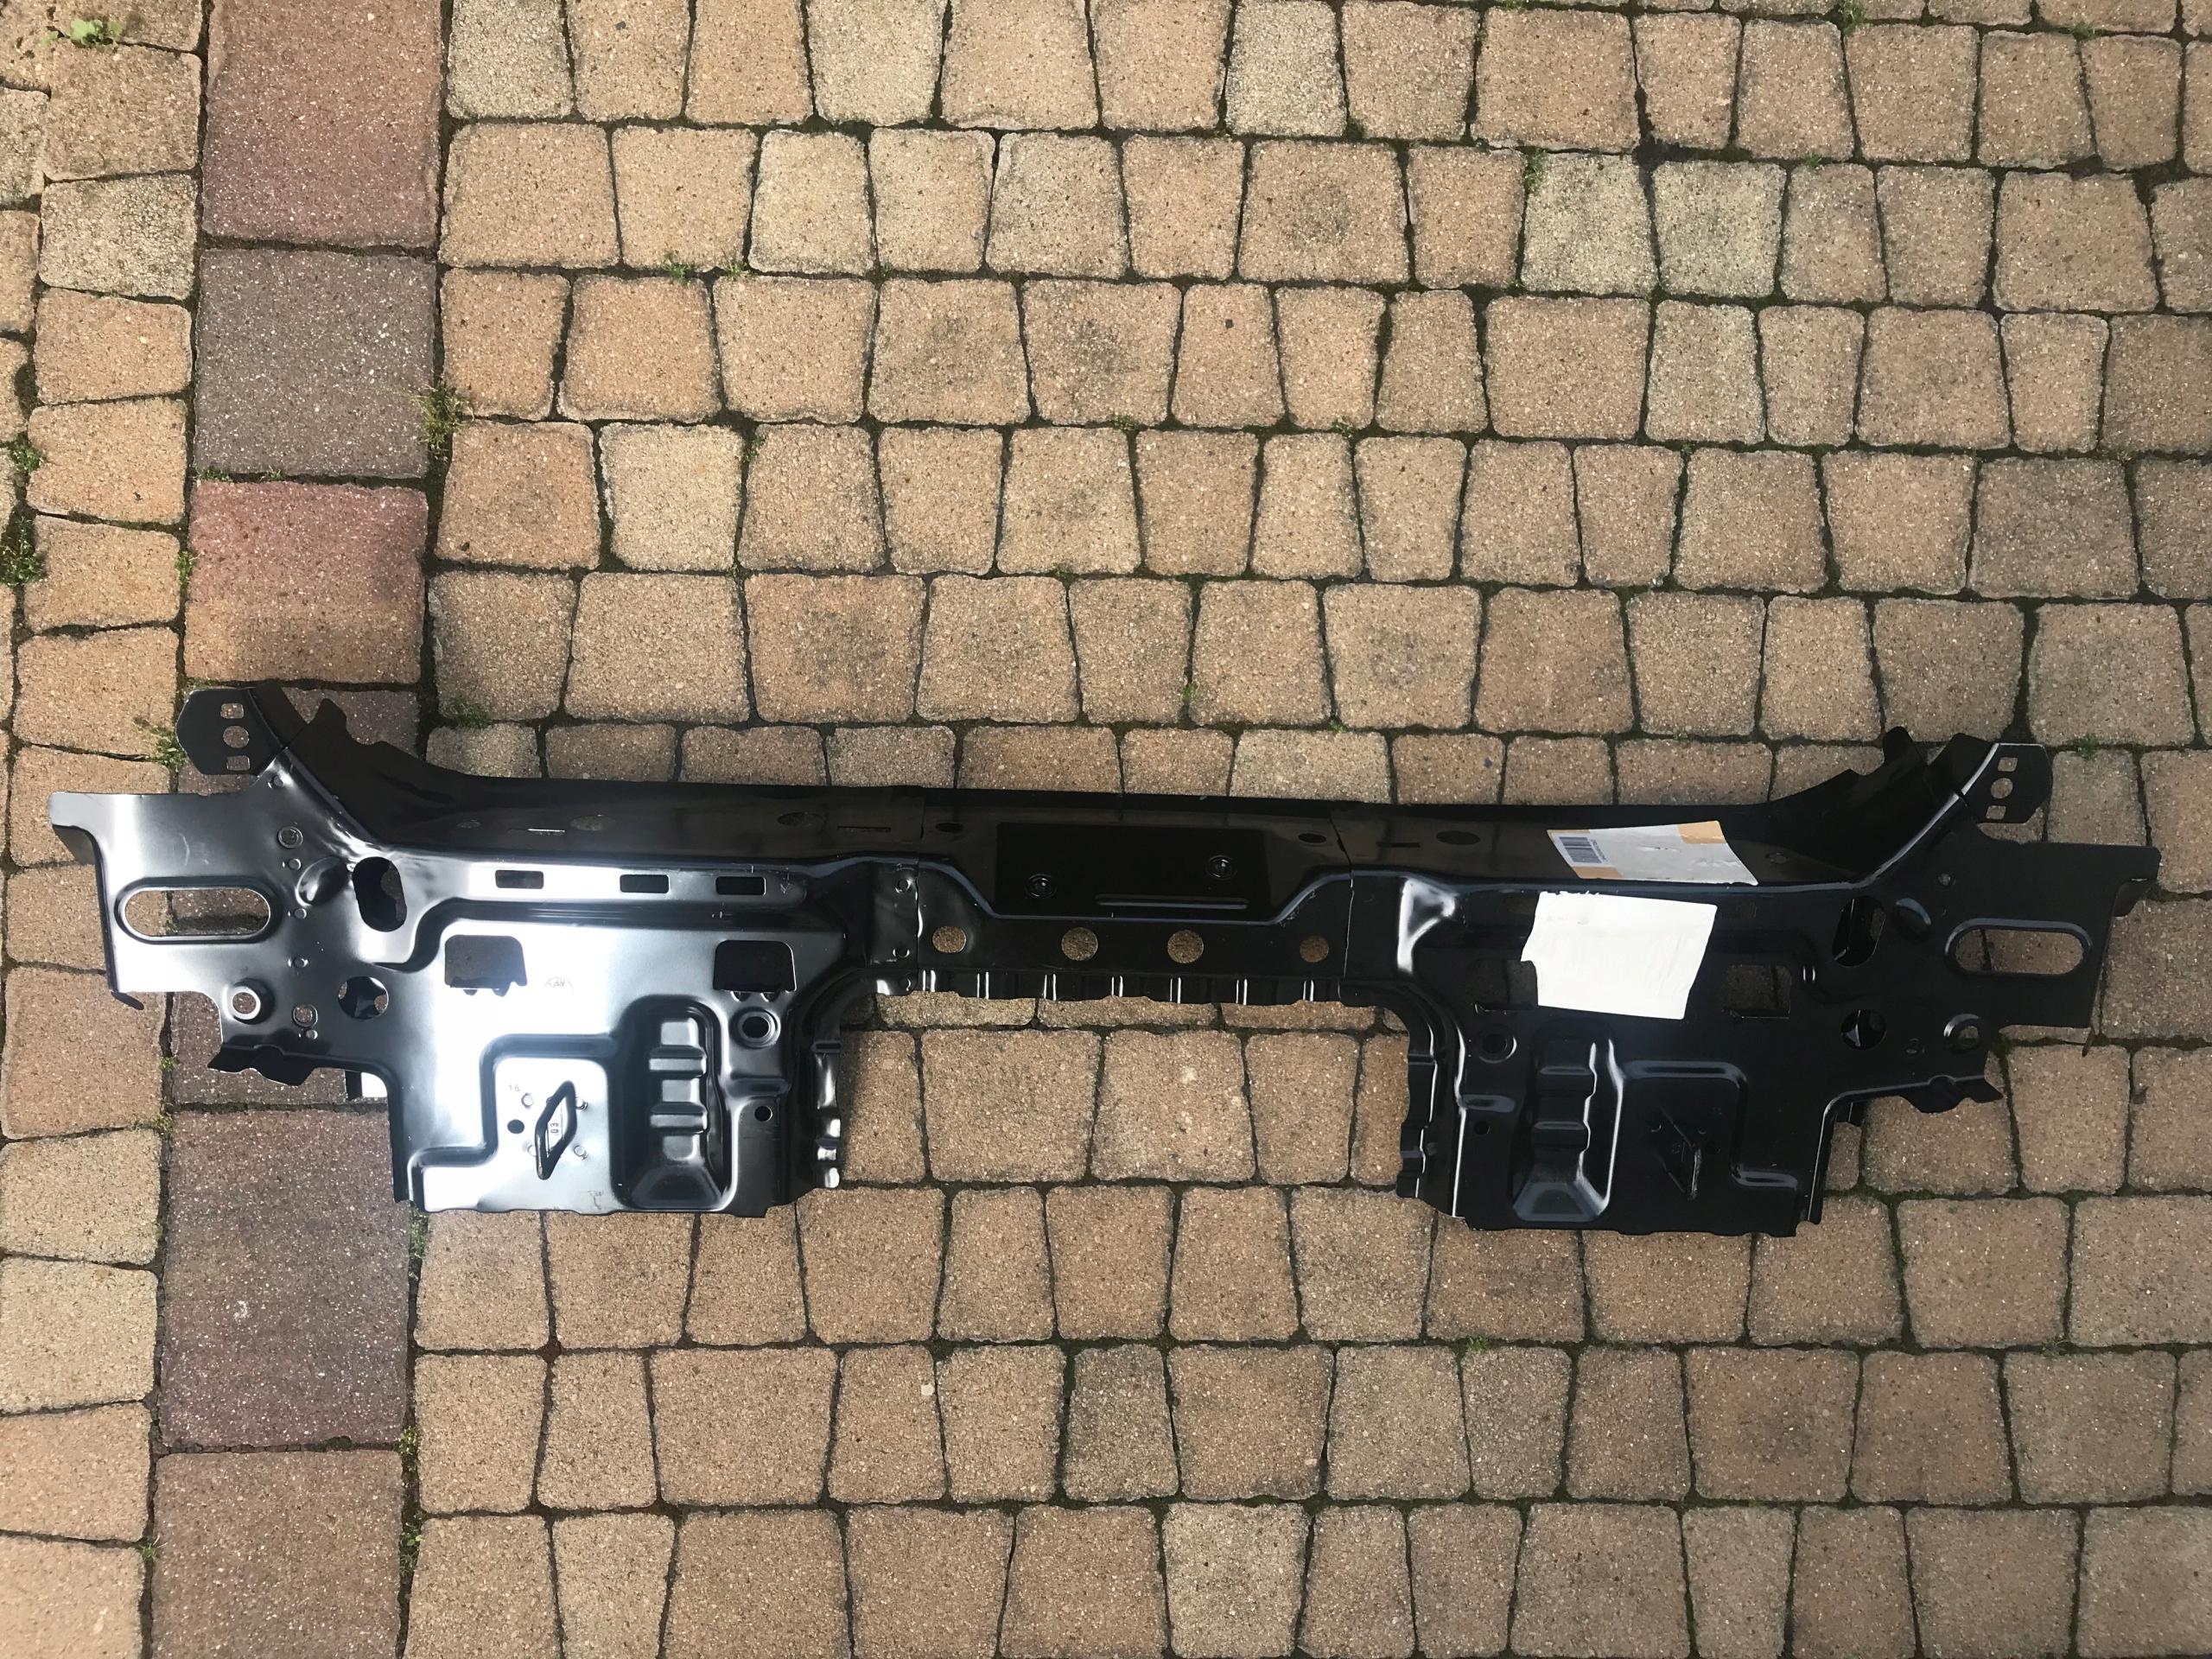 мини купер f56 пояс задняя панель внутр новый org41007387943